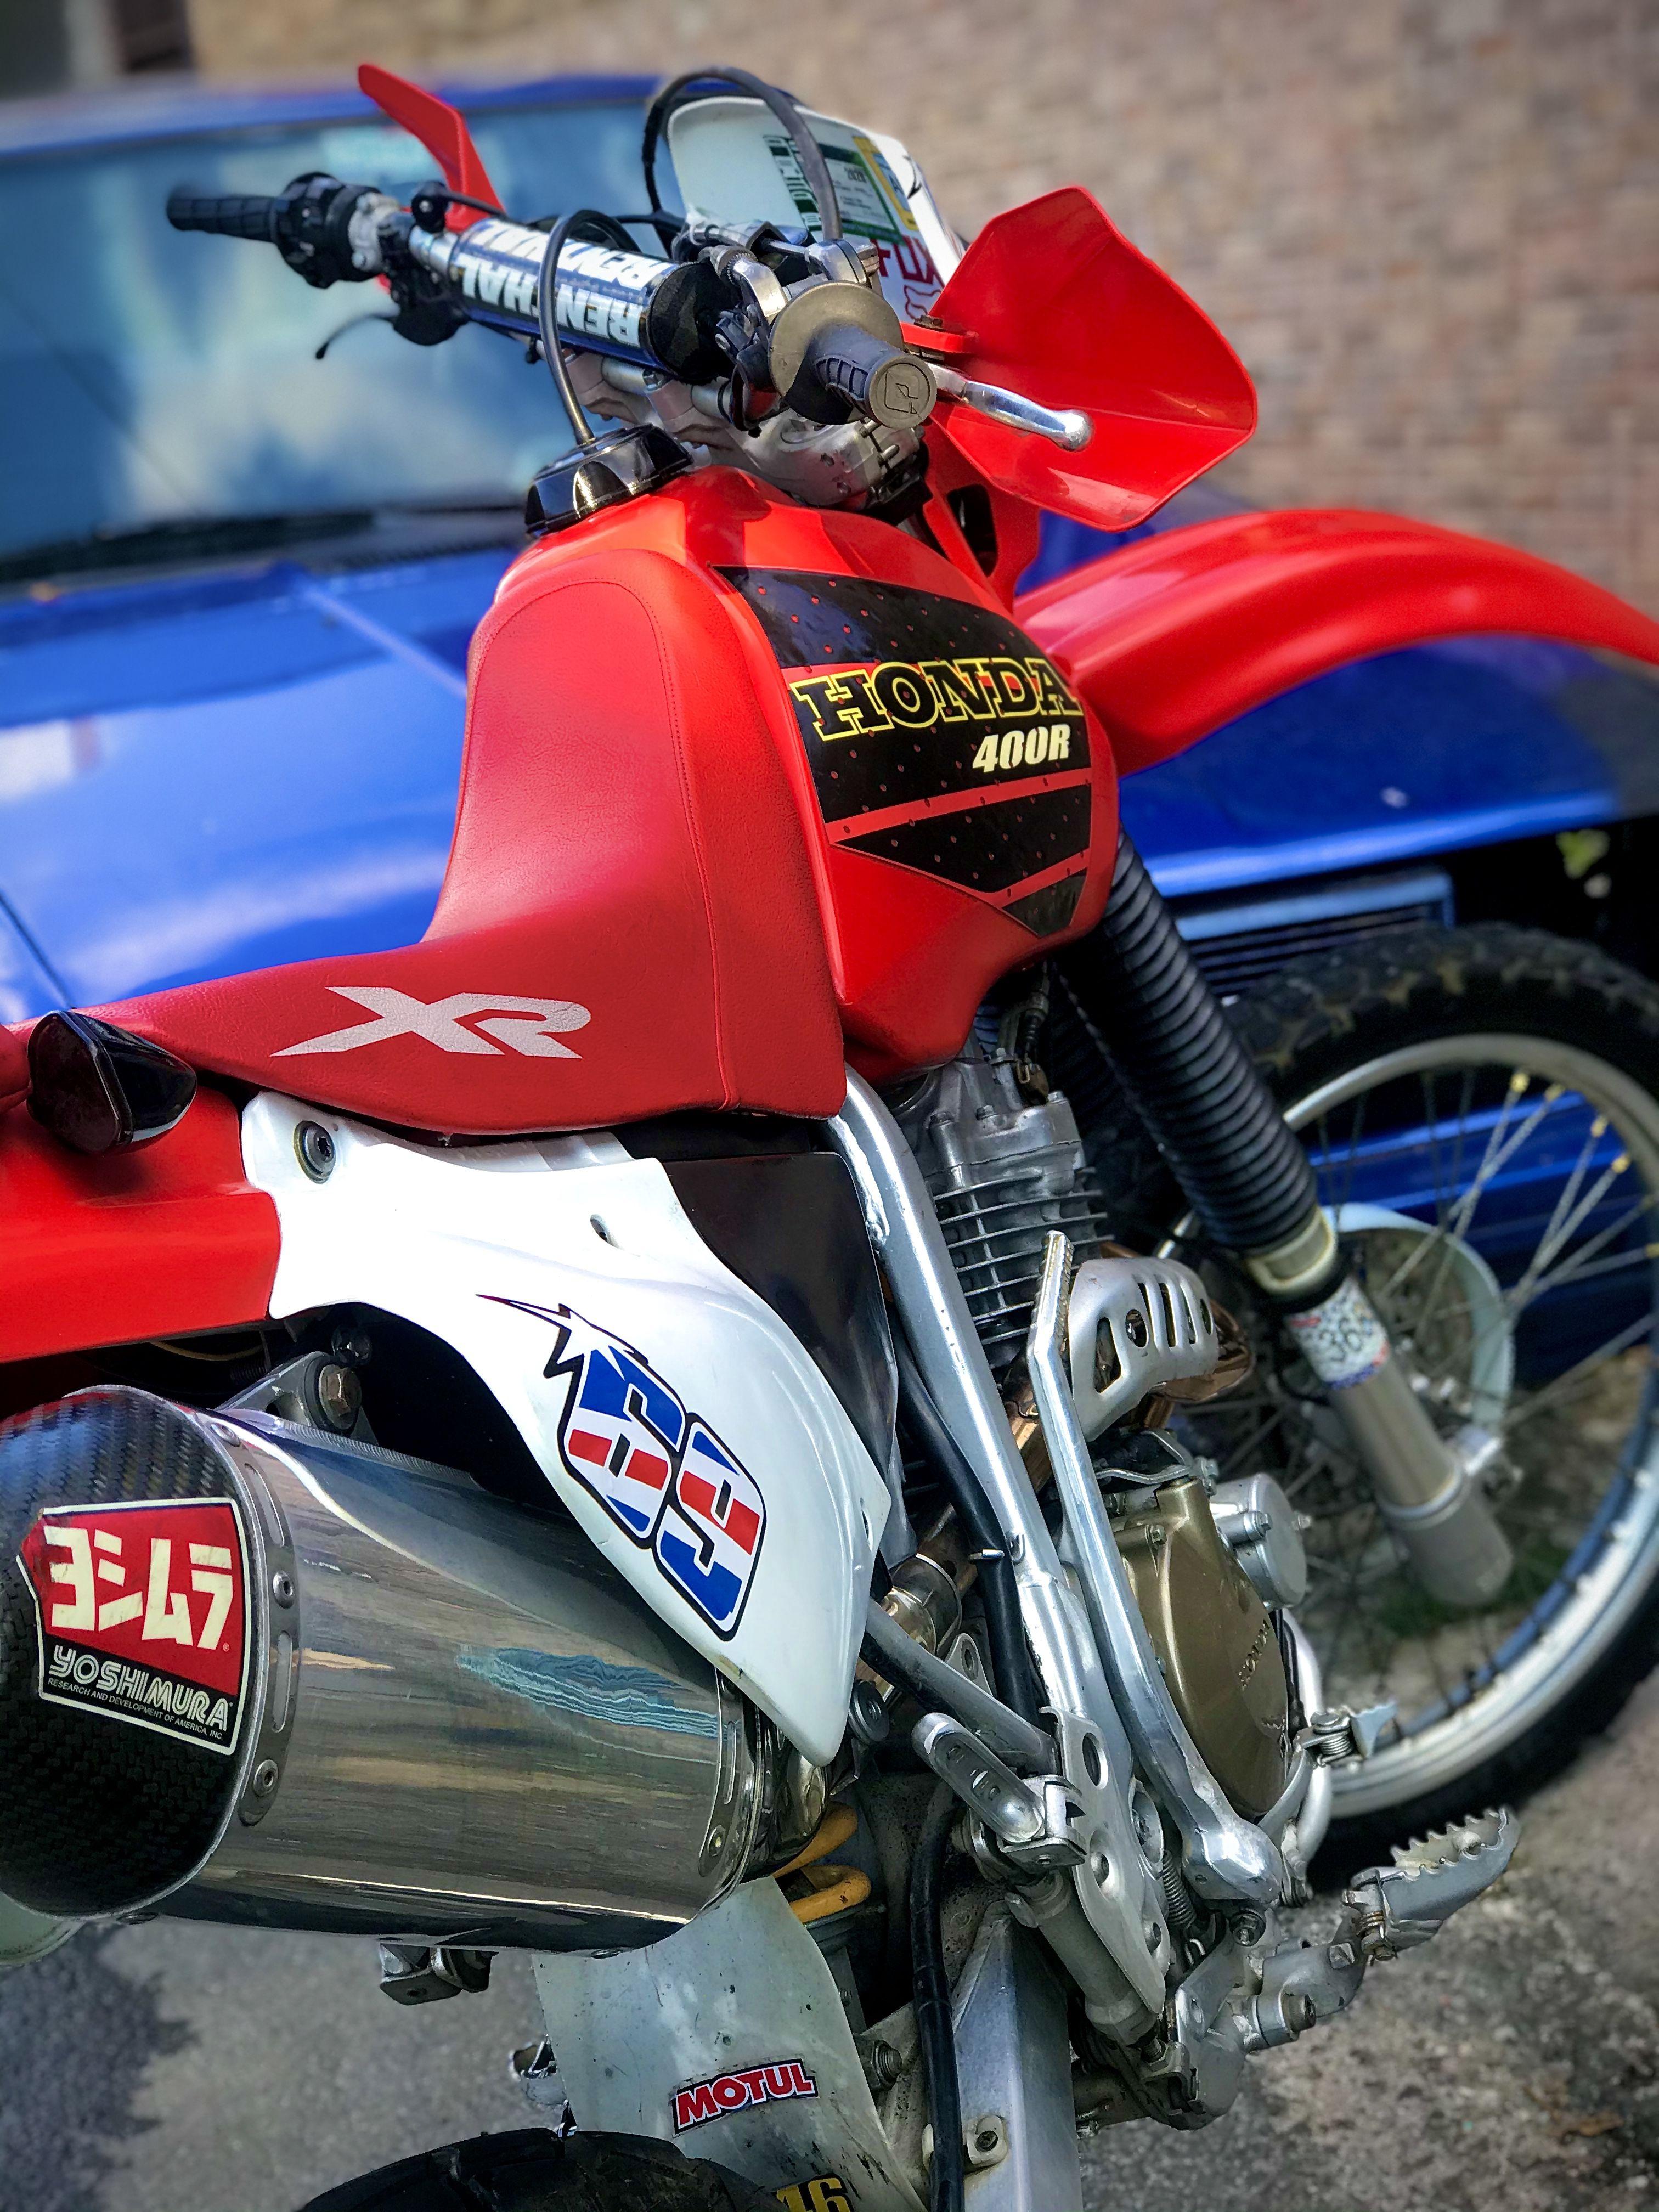 Honda Xr 400 In 2020 Honda Moped Vehicles